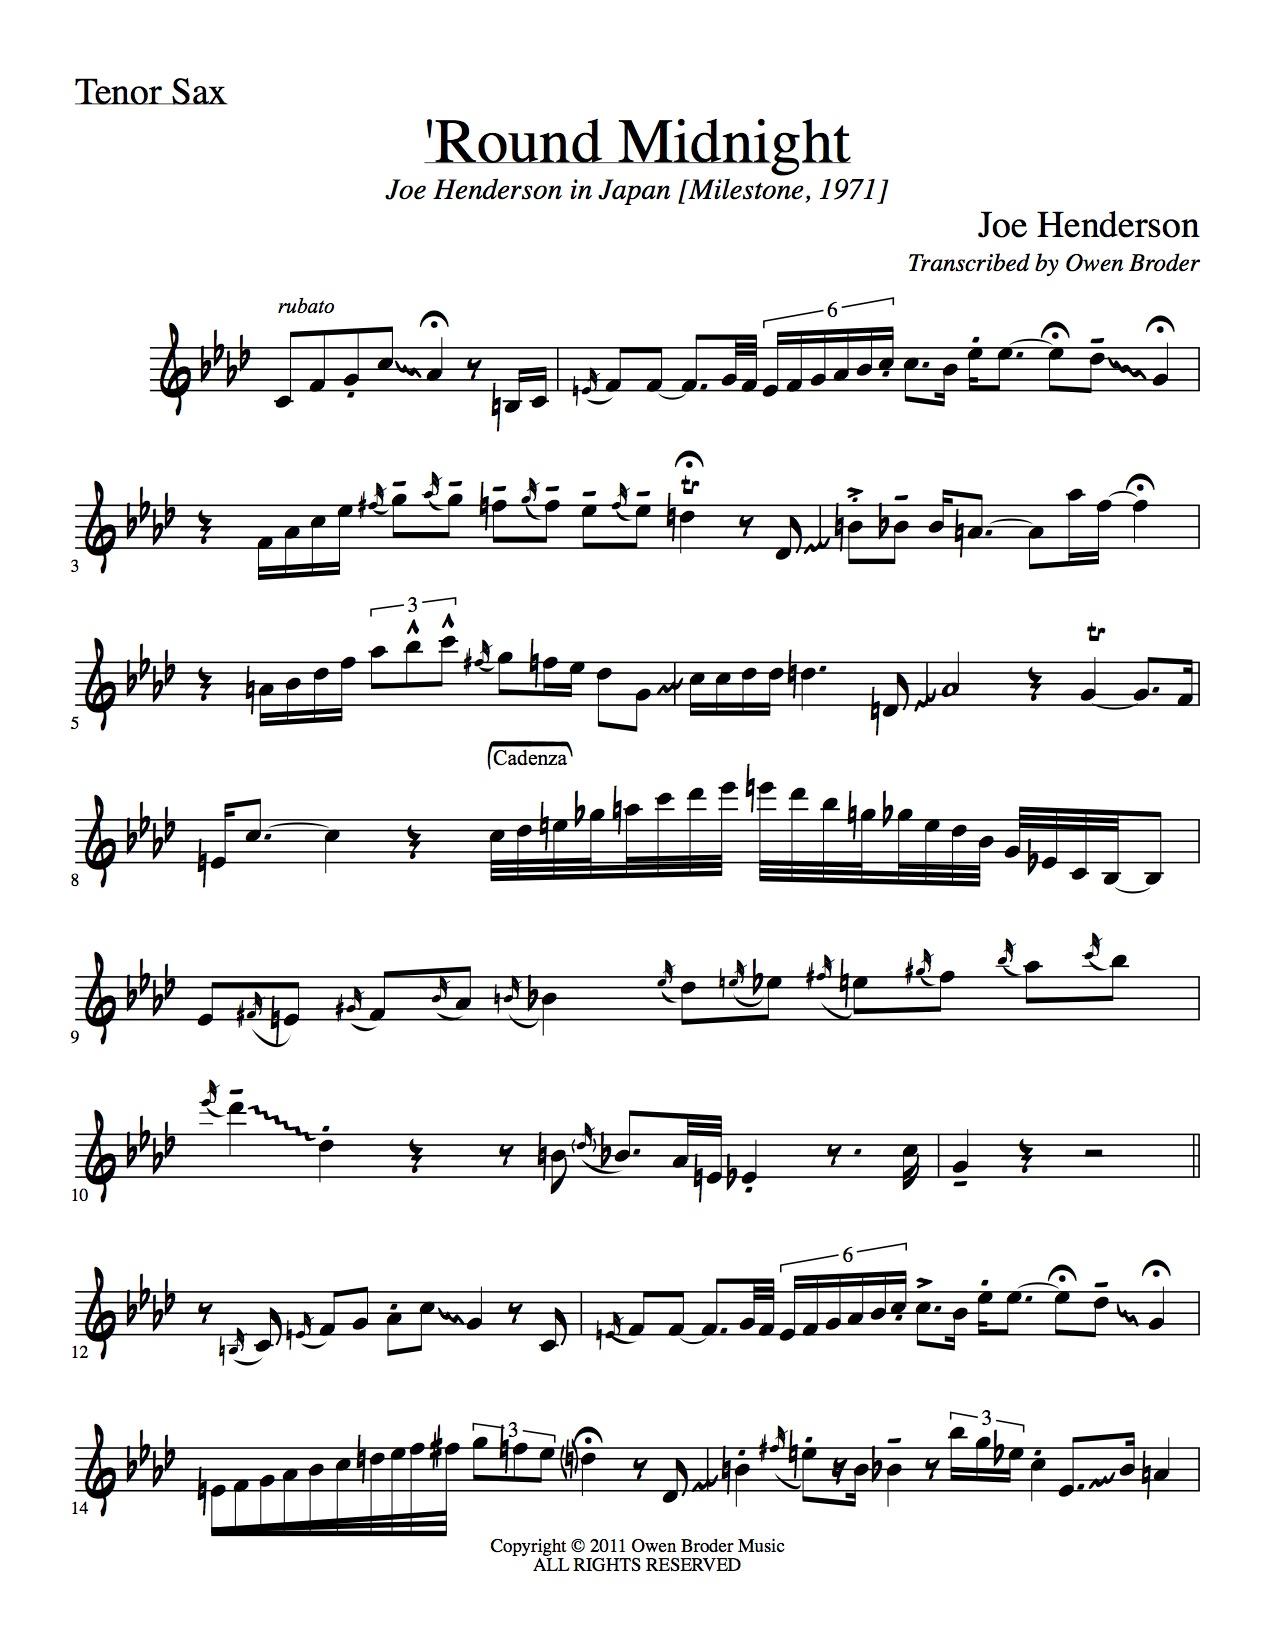 'Round Midnight (Henderson) - Tenor Sax  — Owen Broder